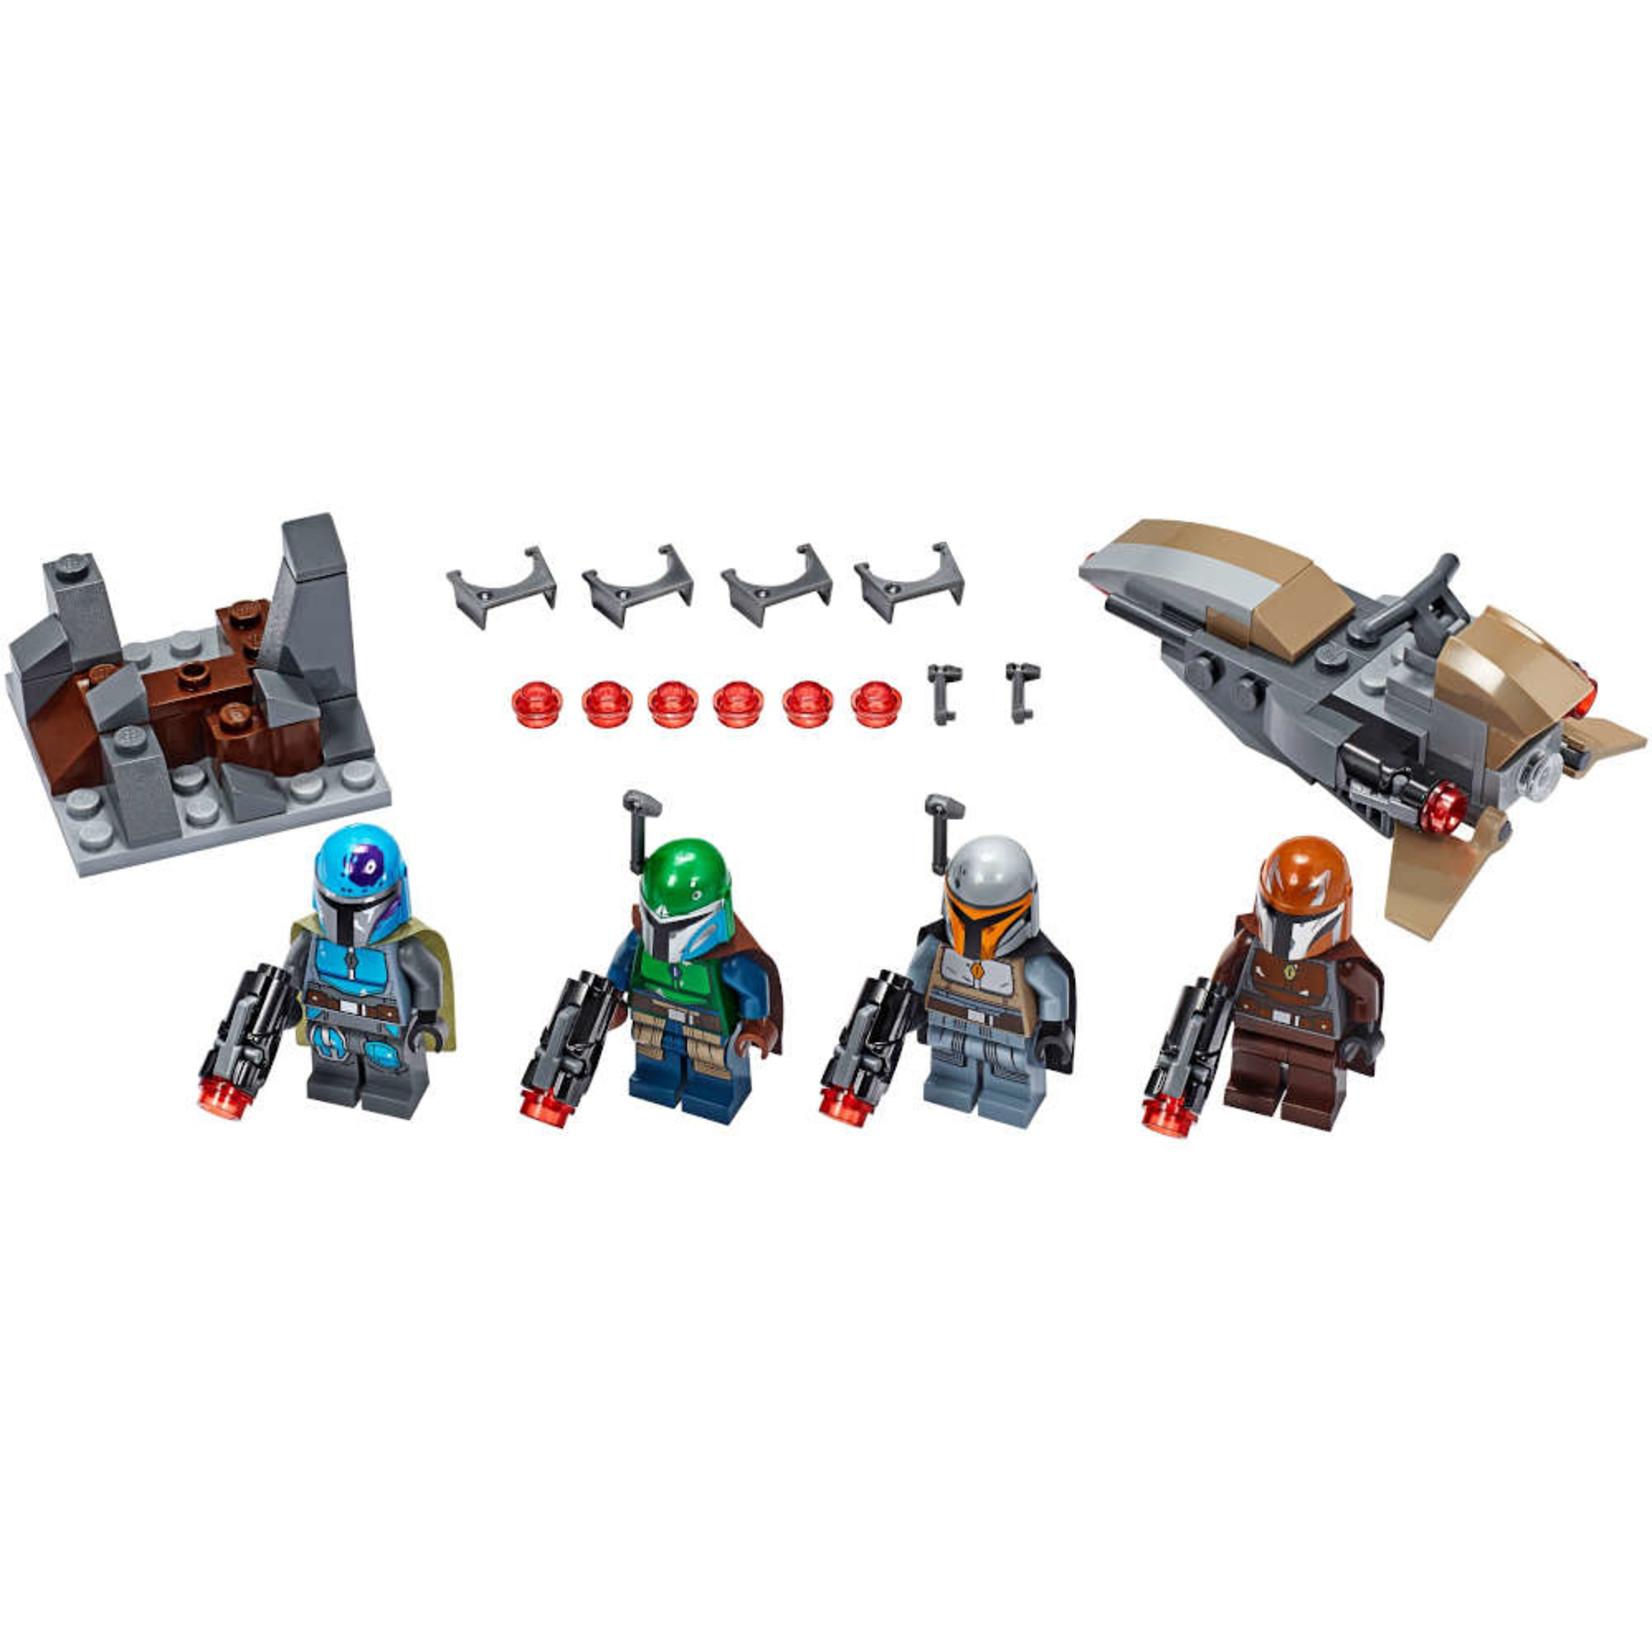 LEGO 75267 MANDALORIAN BATTLE PACK